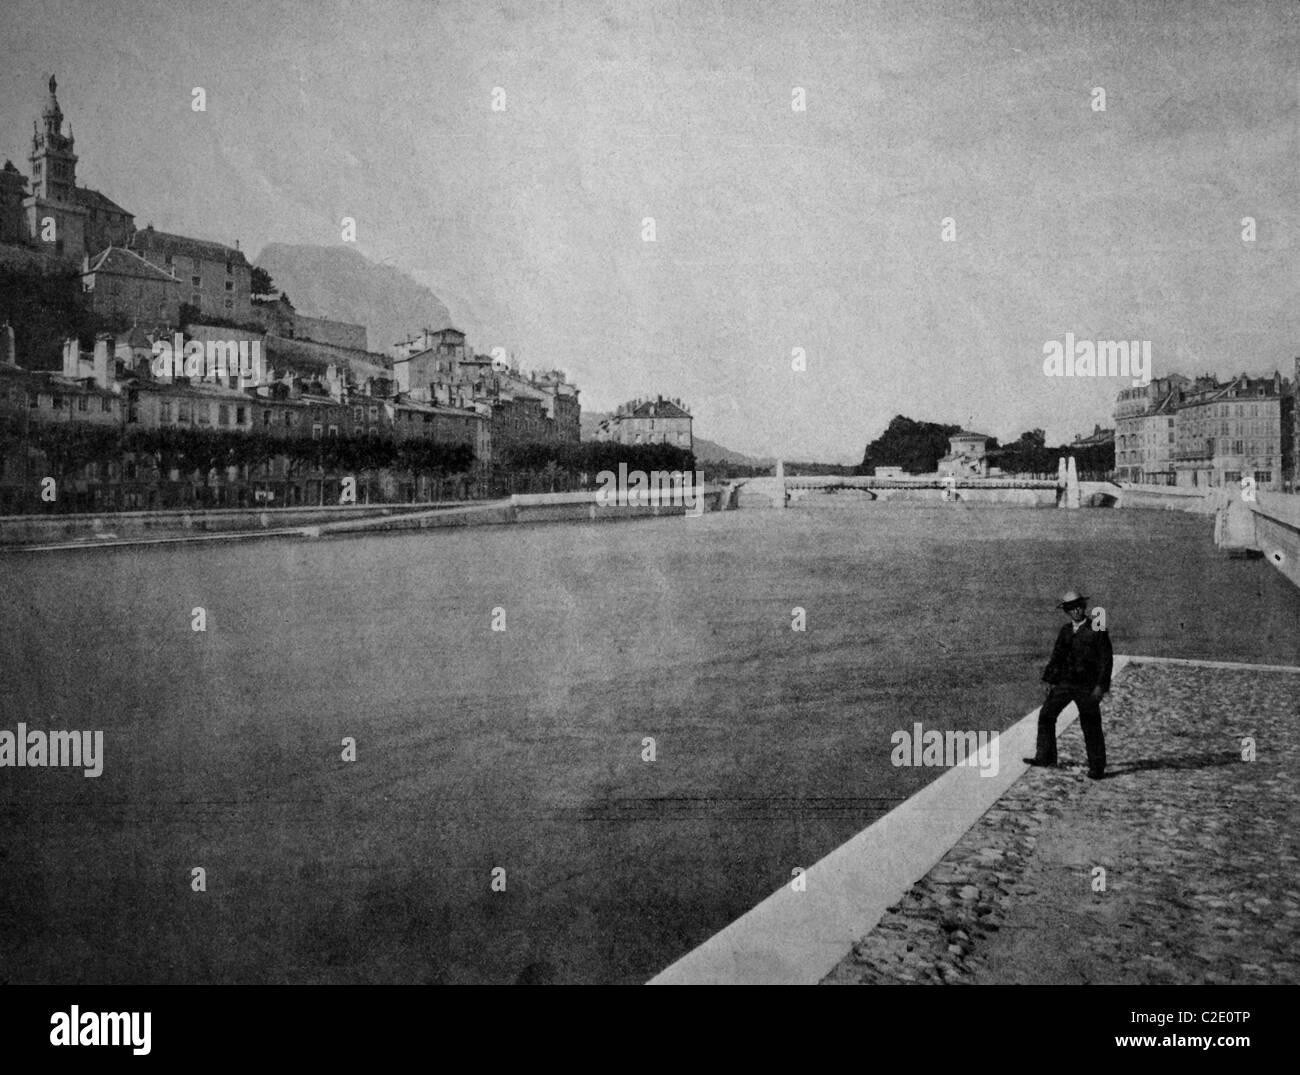 L'un des premiers autotypes de Grenoble, France, photographie historique, 1884 Photo Stock